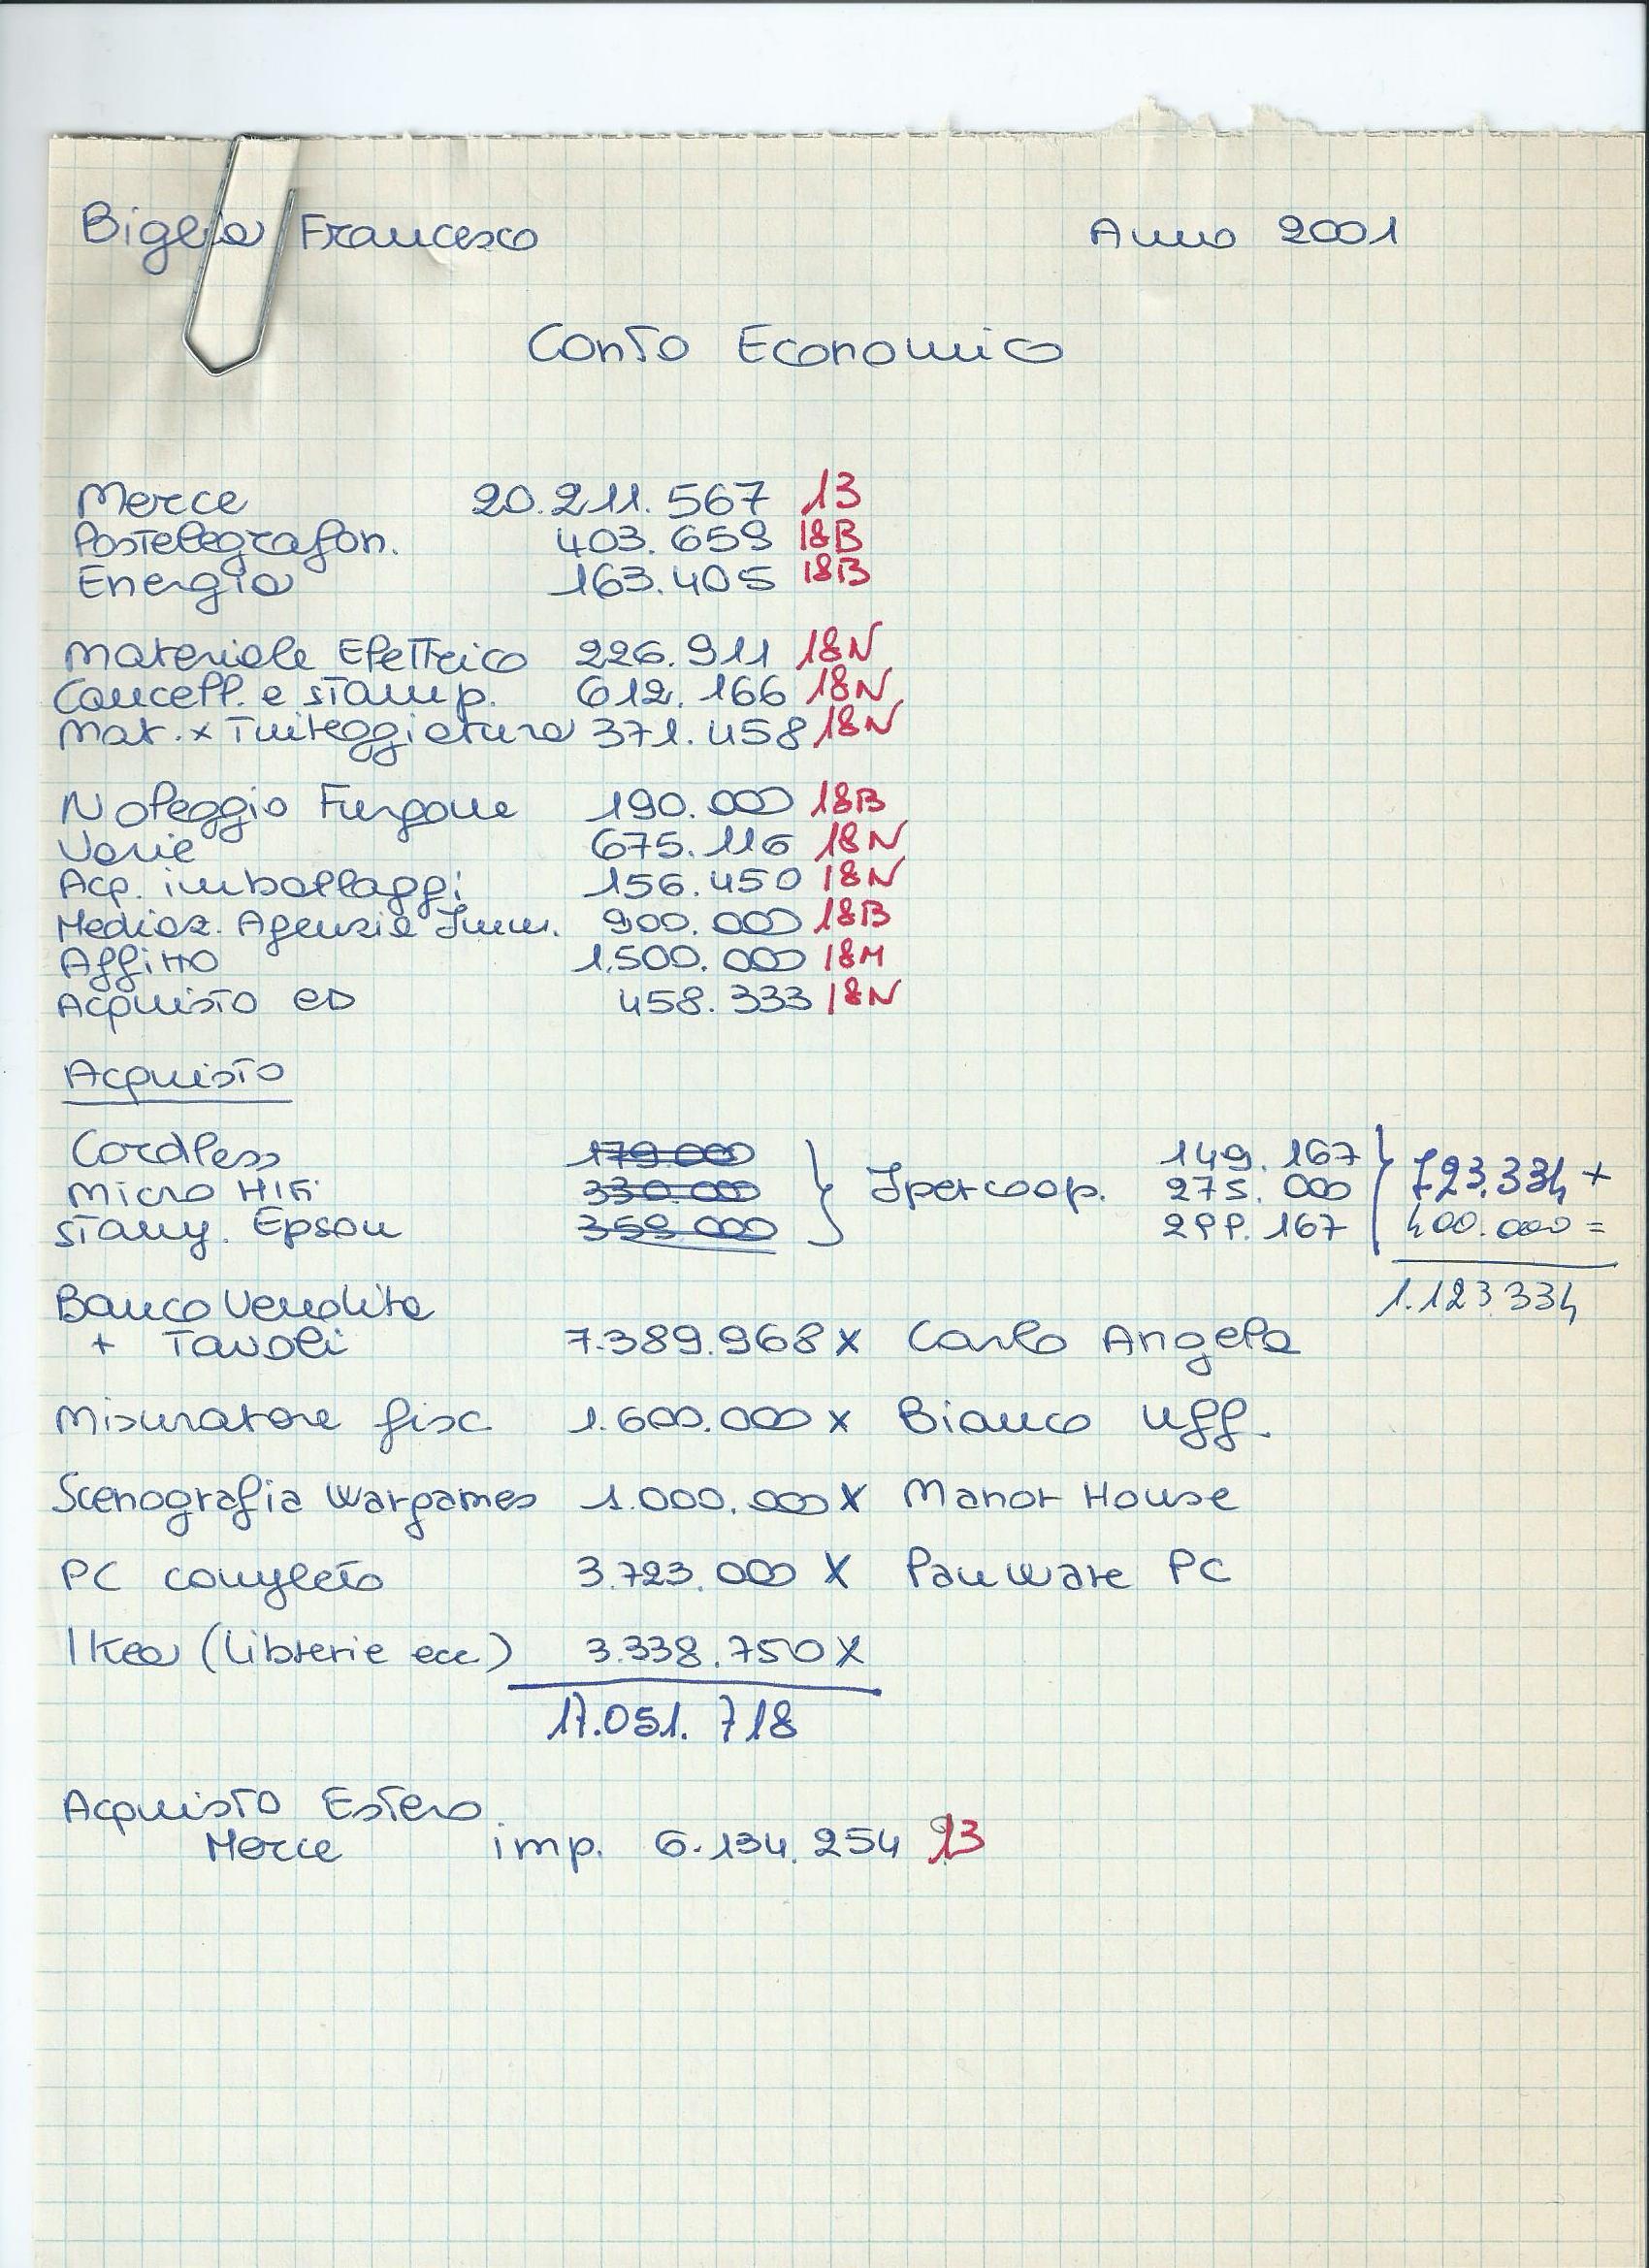 Archeologia Contabile; Conto Economico 2001!